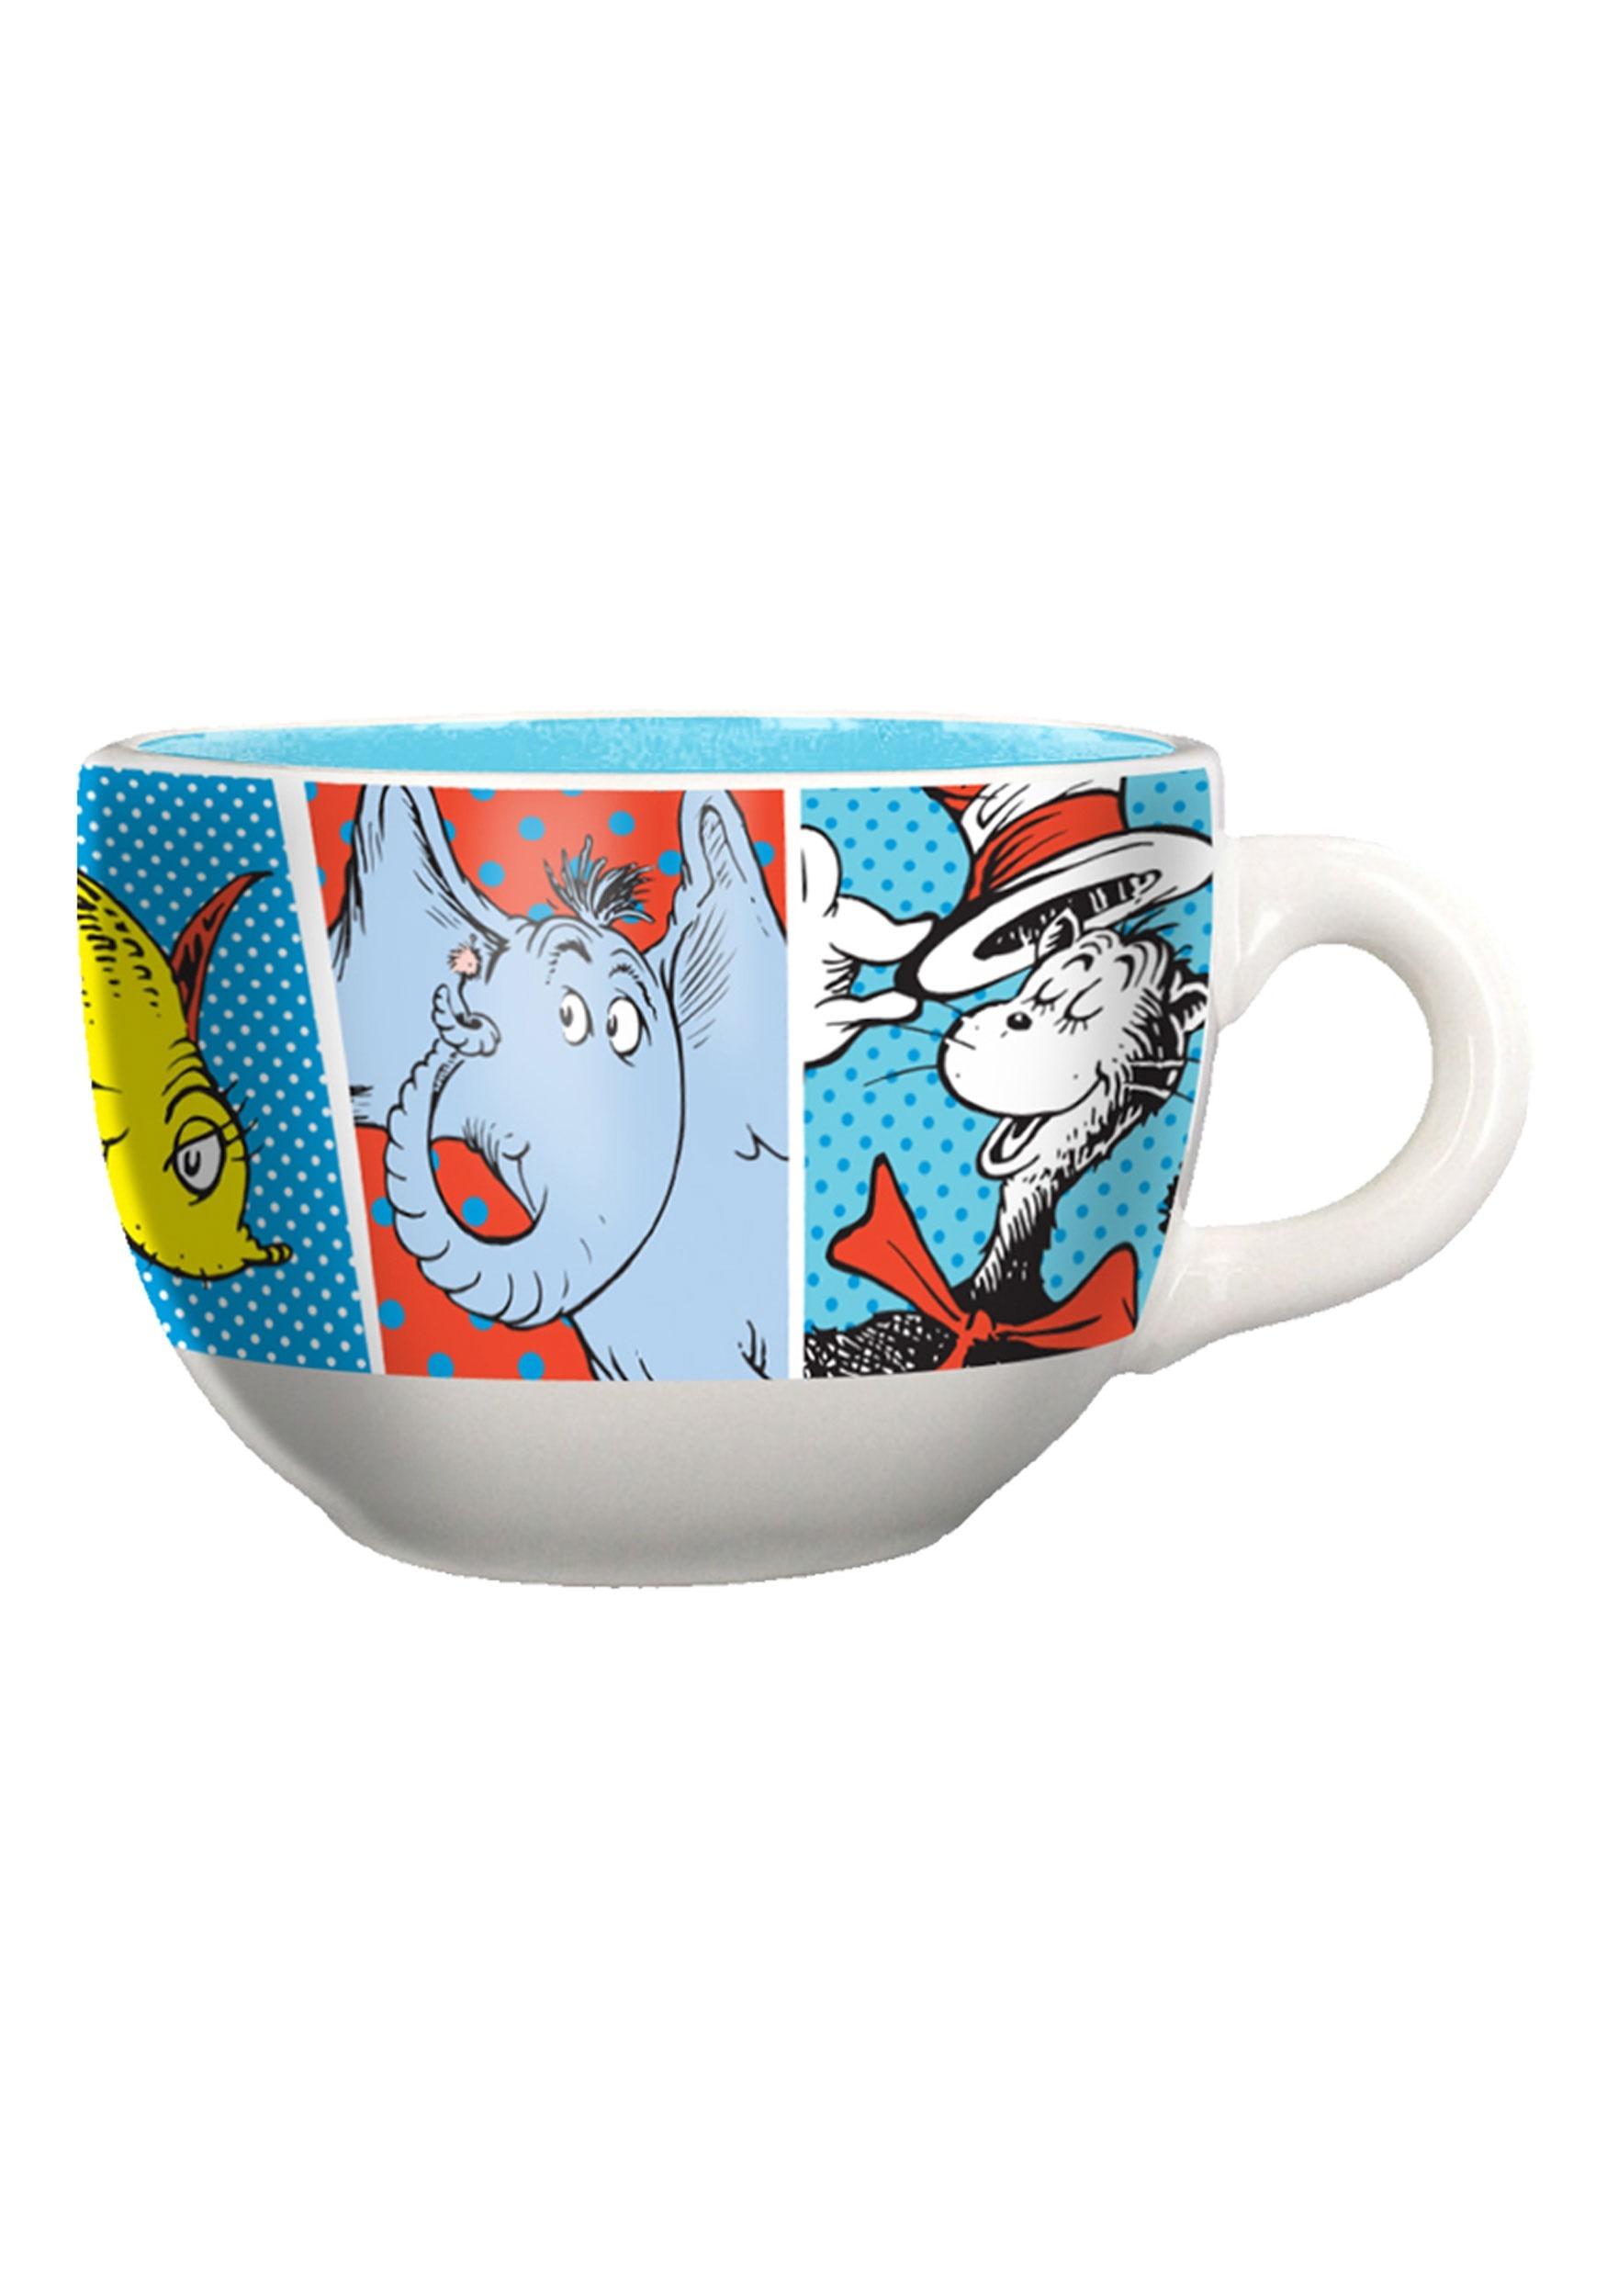 Dr. Seuss 20 oz Ceramic Soup Mug VA17053